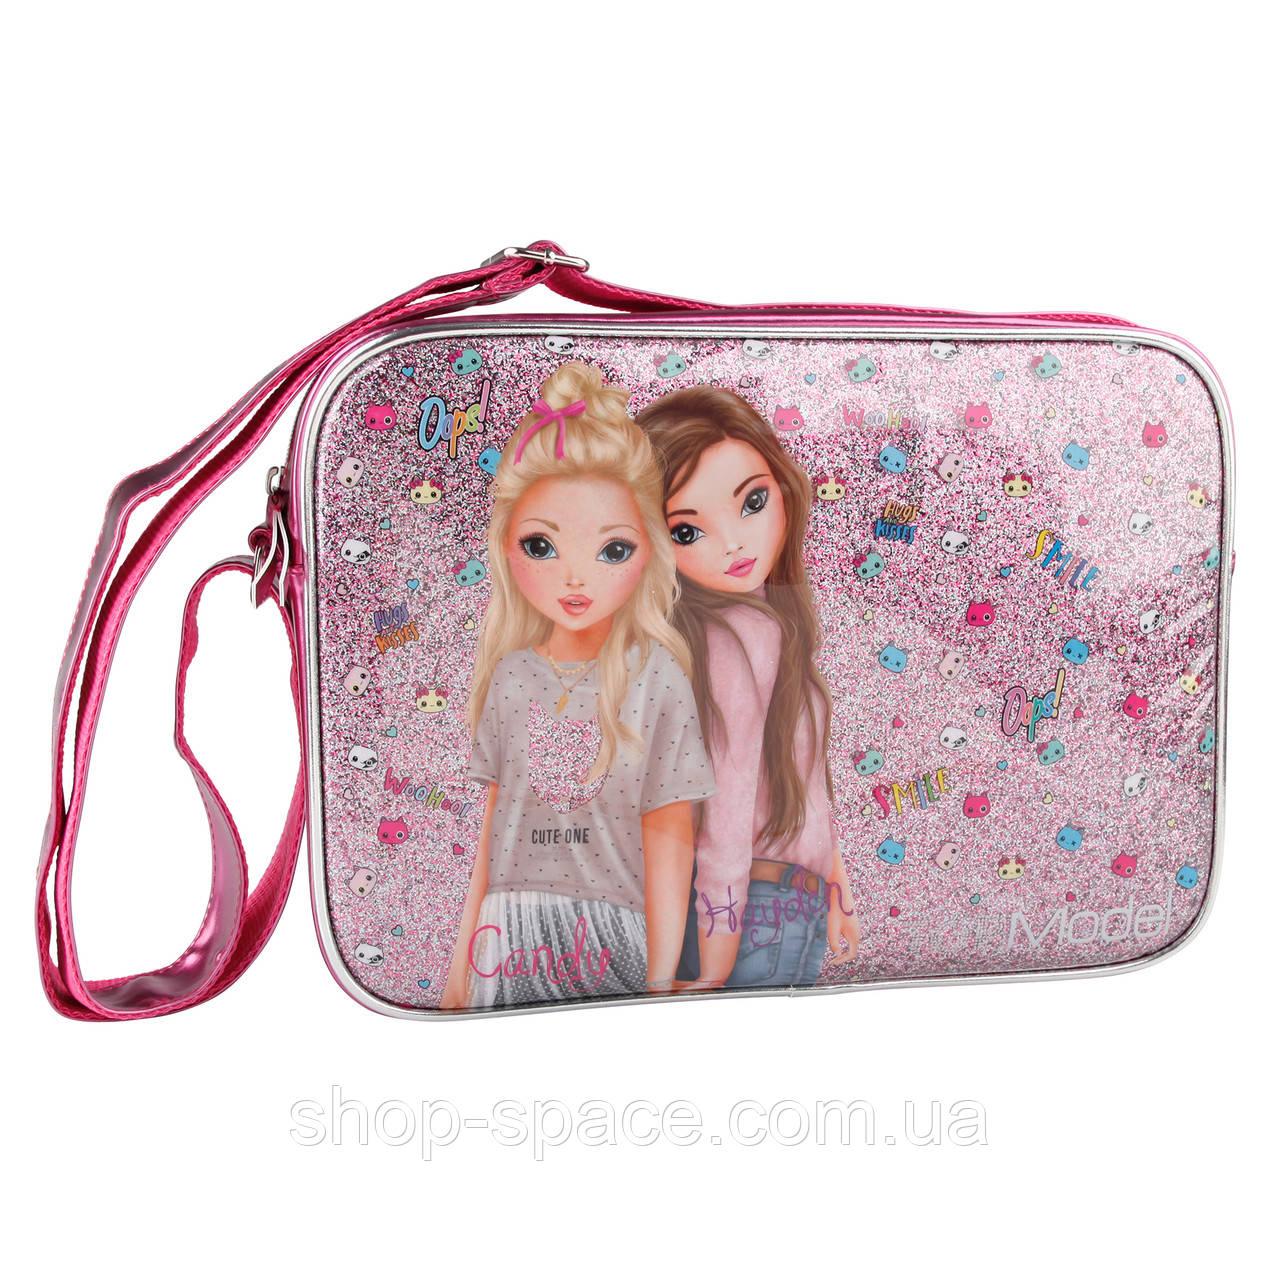 Top Model сумка Друзья (розовая)